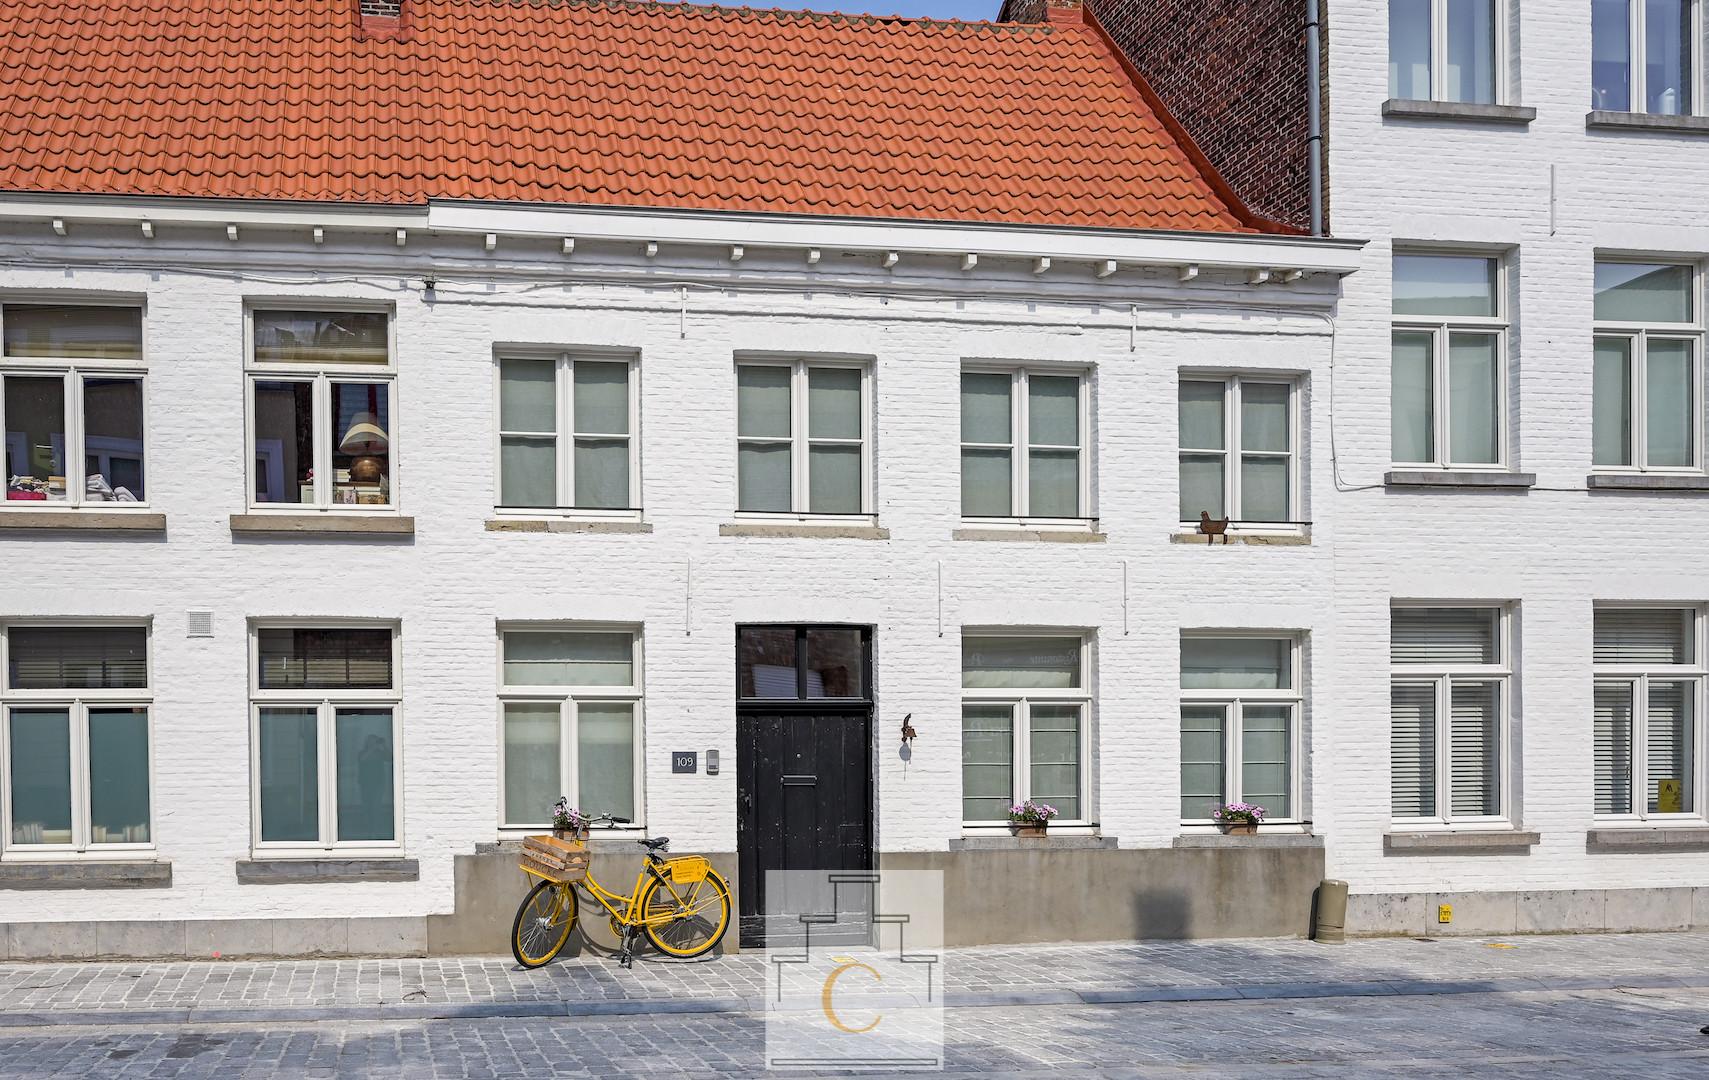 een droomhuis in de stad, het betere alternatief voor een luxe-appartement